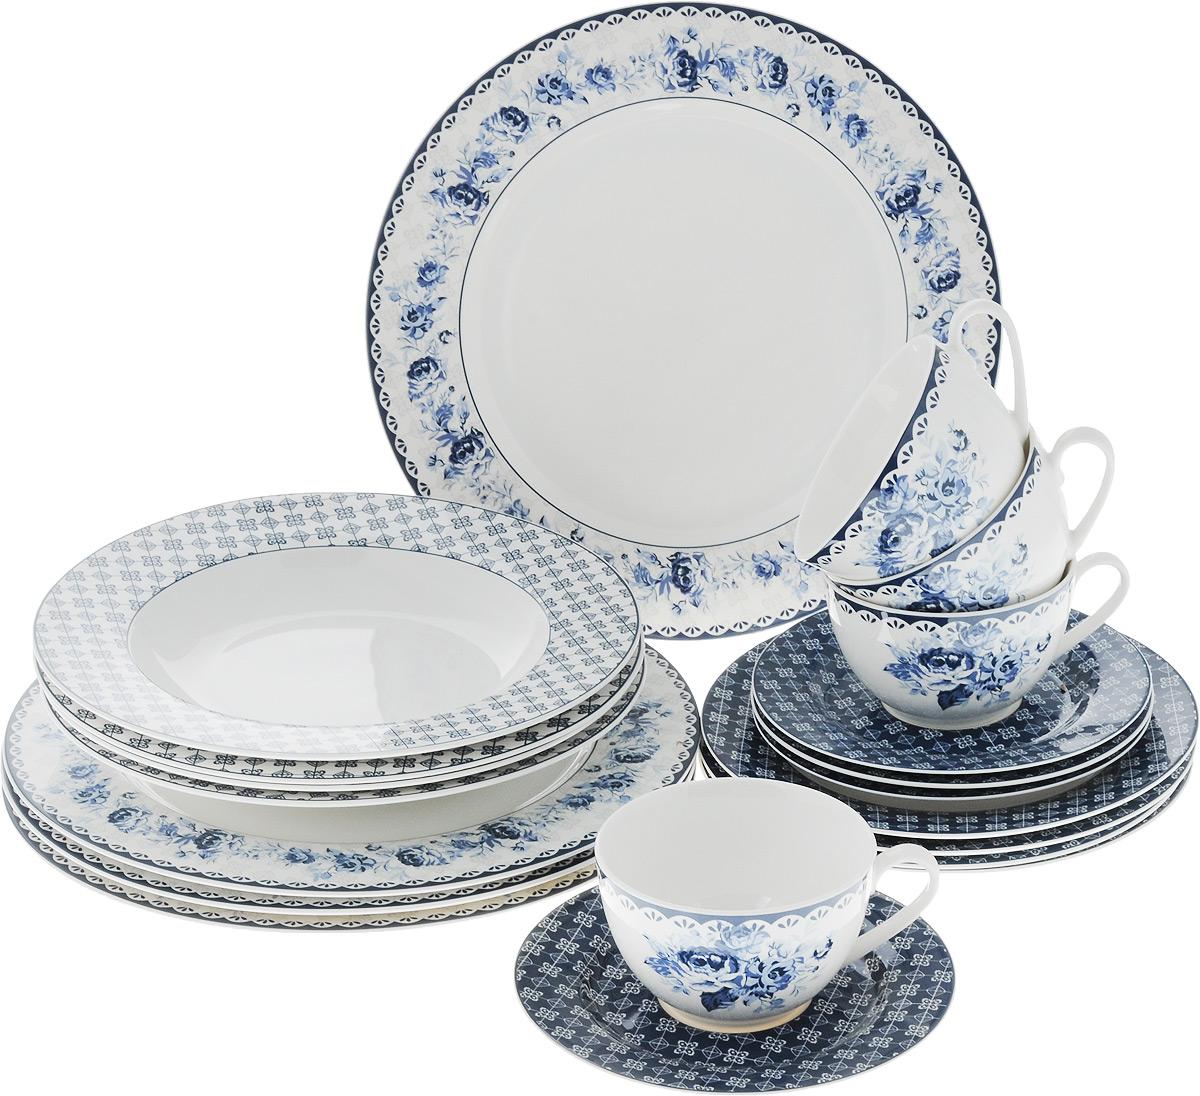 Набор столовой посуды Синие цветы, 20 предметов. 15-33515-335Набор столовой посуды Синие цветы состоит из 4 обеденных тарелок, 4 суповых тарелок, 4 десертных тарелок, 4 блюдец и 4 чашек. Изделия выполнены из фарфора и дополнены изысканным цветочным рисунком в стиле гжель. Посуда отличается прочностью, гигиеничностью и долгим сроком службы, она устойчива к появлению царапин. Такой набор прекрасно подойдет как для повседневного использования, так и для праздников или особенных случаев. Такой набор столовой посуды - это не только яркий и полезный подарок для родных и близких, а также великолепное дизайнерское решение для вашей кухни или столовой. Можно использовать в микроволновой печи и мыть в посудомоечной машине. Диаметр суповой тарелки: 23 см. Высота суповой тарелки: 3 см.Диаметр обеденной тарелки: 27 см. Диаметр десертной тарелки: 19 см. Диаметр блюдца: 15,5 см. Объем чашки: 250 мл.Диаметр чашки (по верхнему краю): 9,5 см.Высота чашки: 6 см.